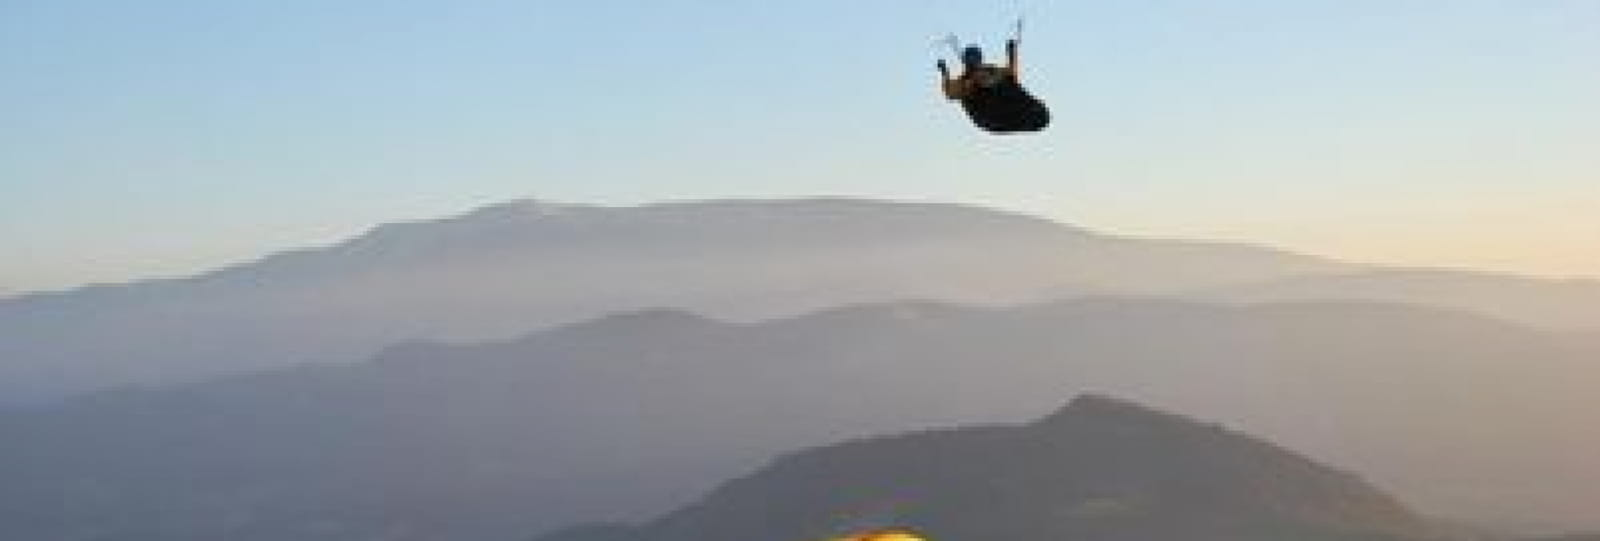 Vol en Parapente avec 'Lou Ventoun' Vincent Perlbarg